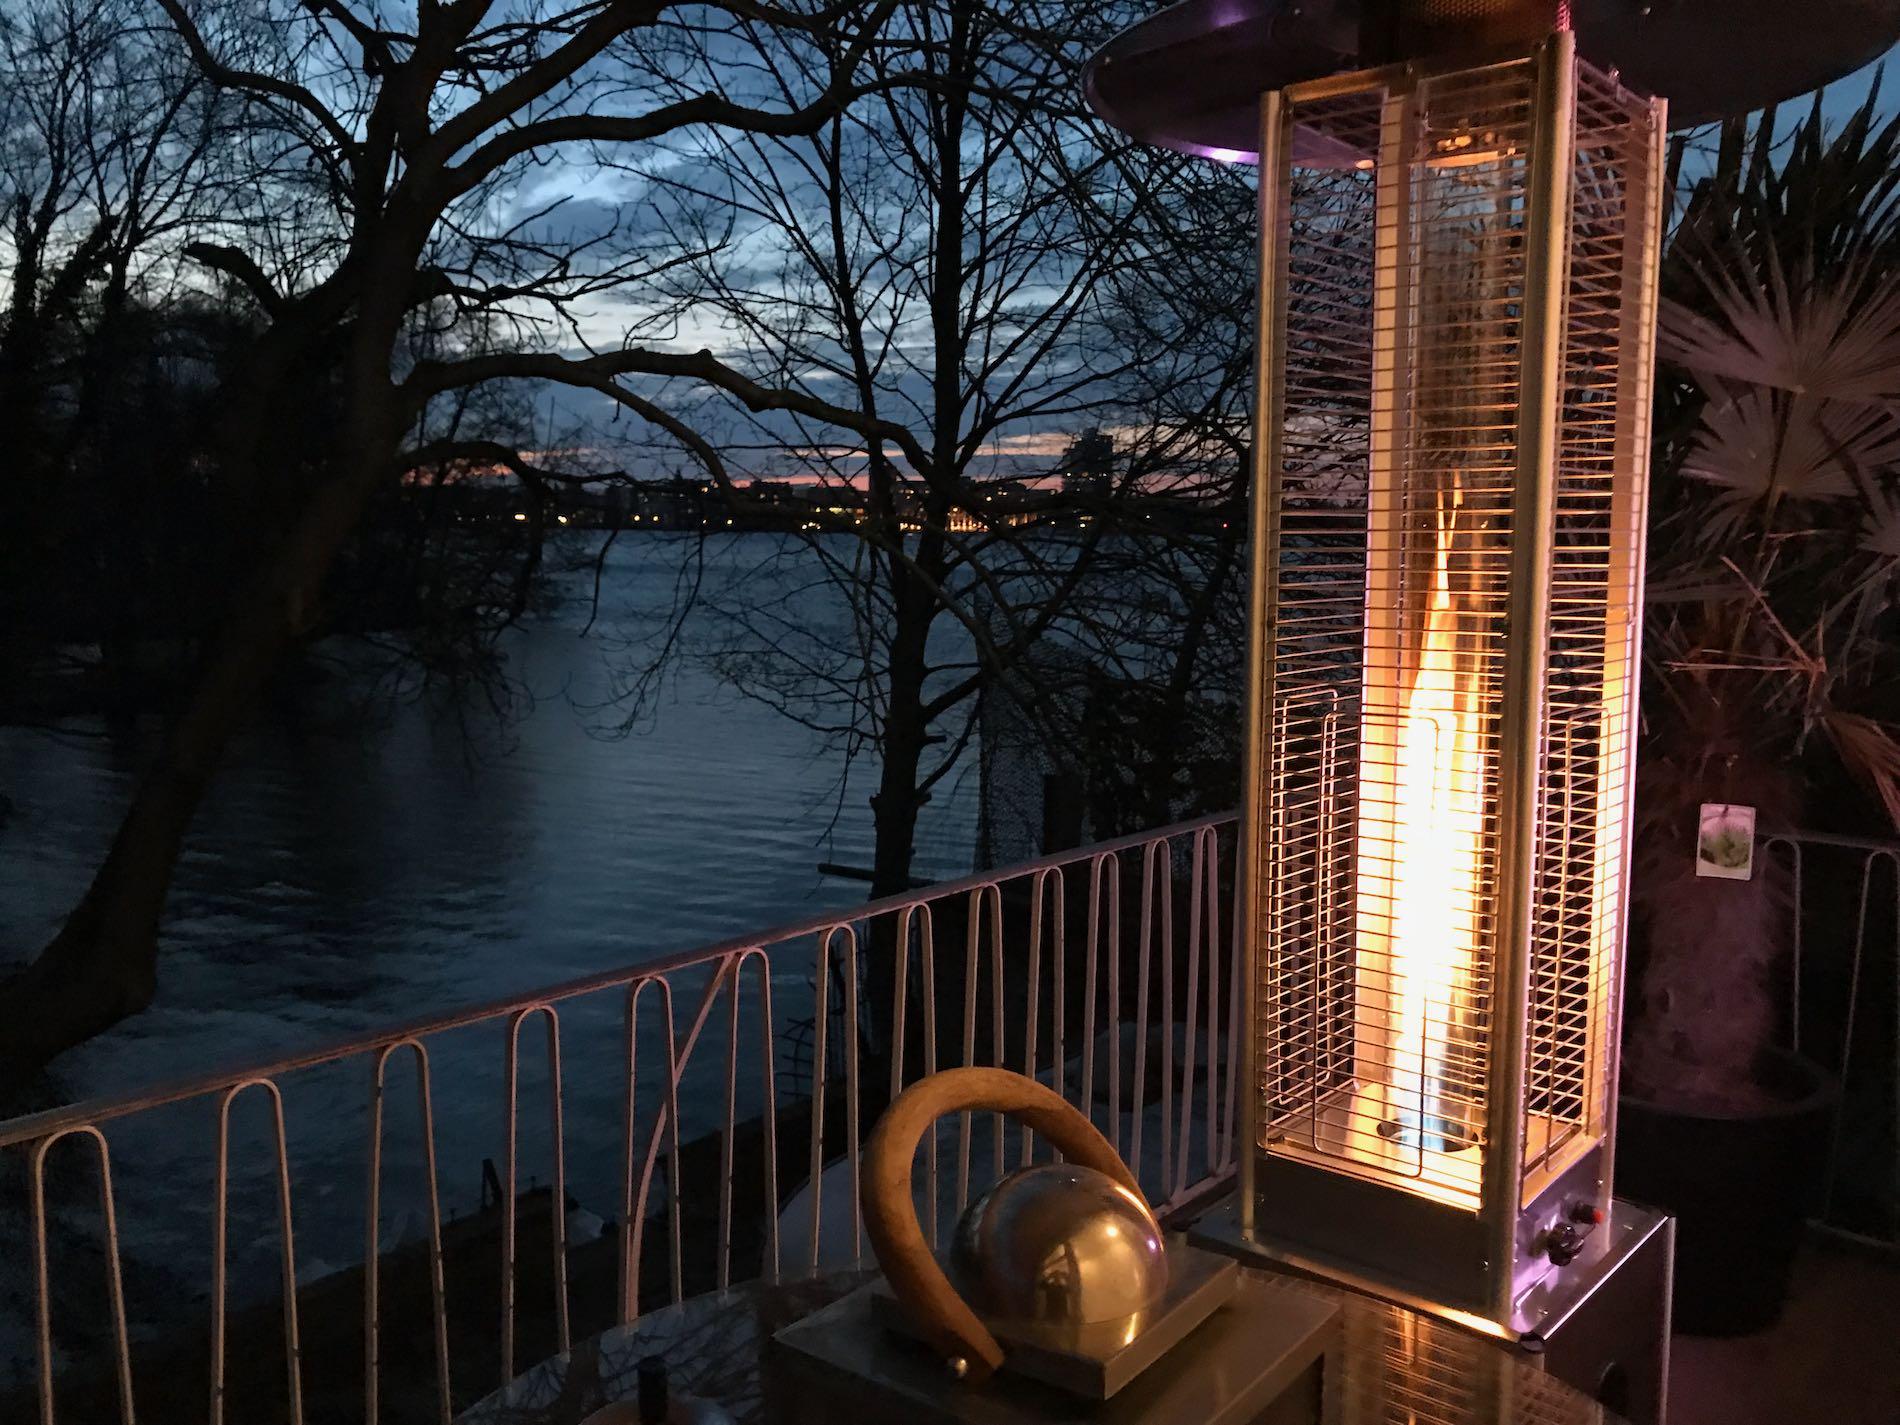 Hochzeitsfeier Berlin - Das Loft am Wasser - Die Eventlocation - 10